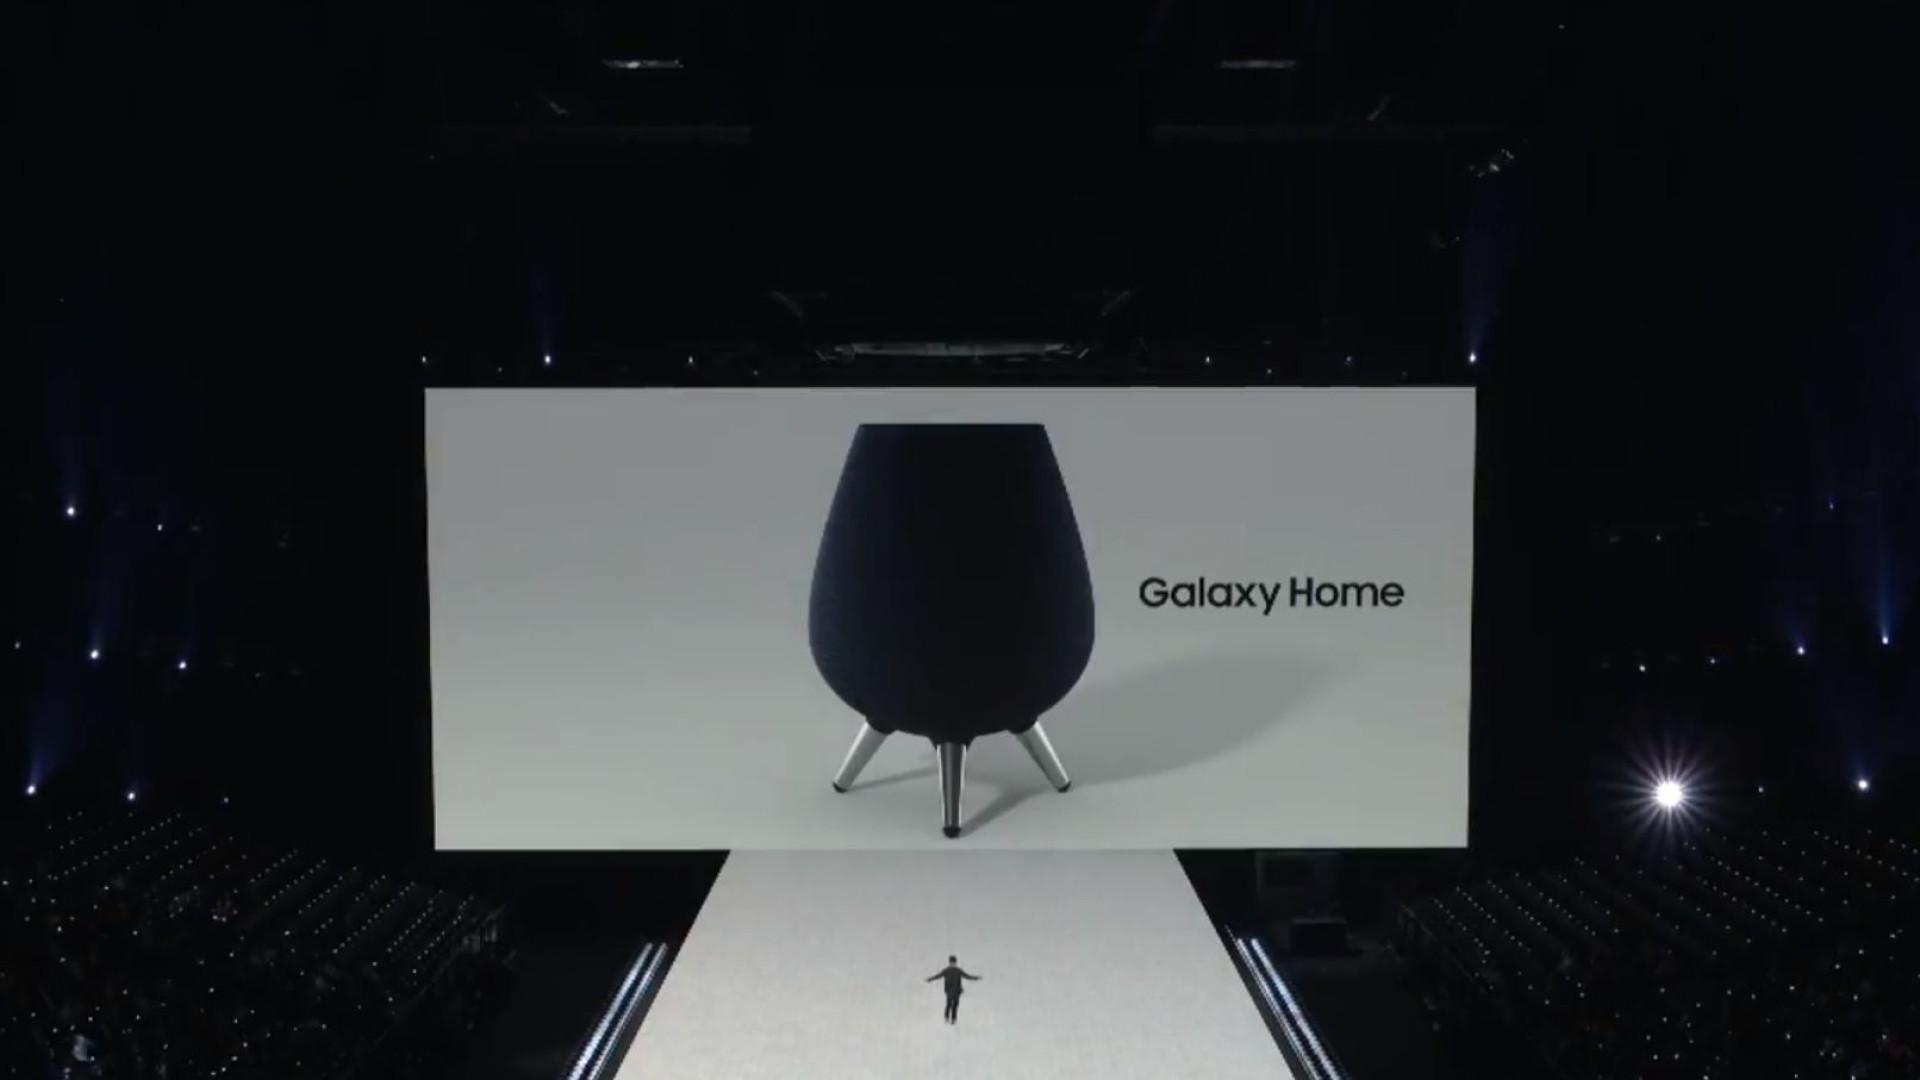 Aí está ela. Samsung anunciou oficialmente a sua coluna caseira